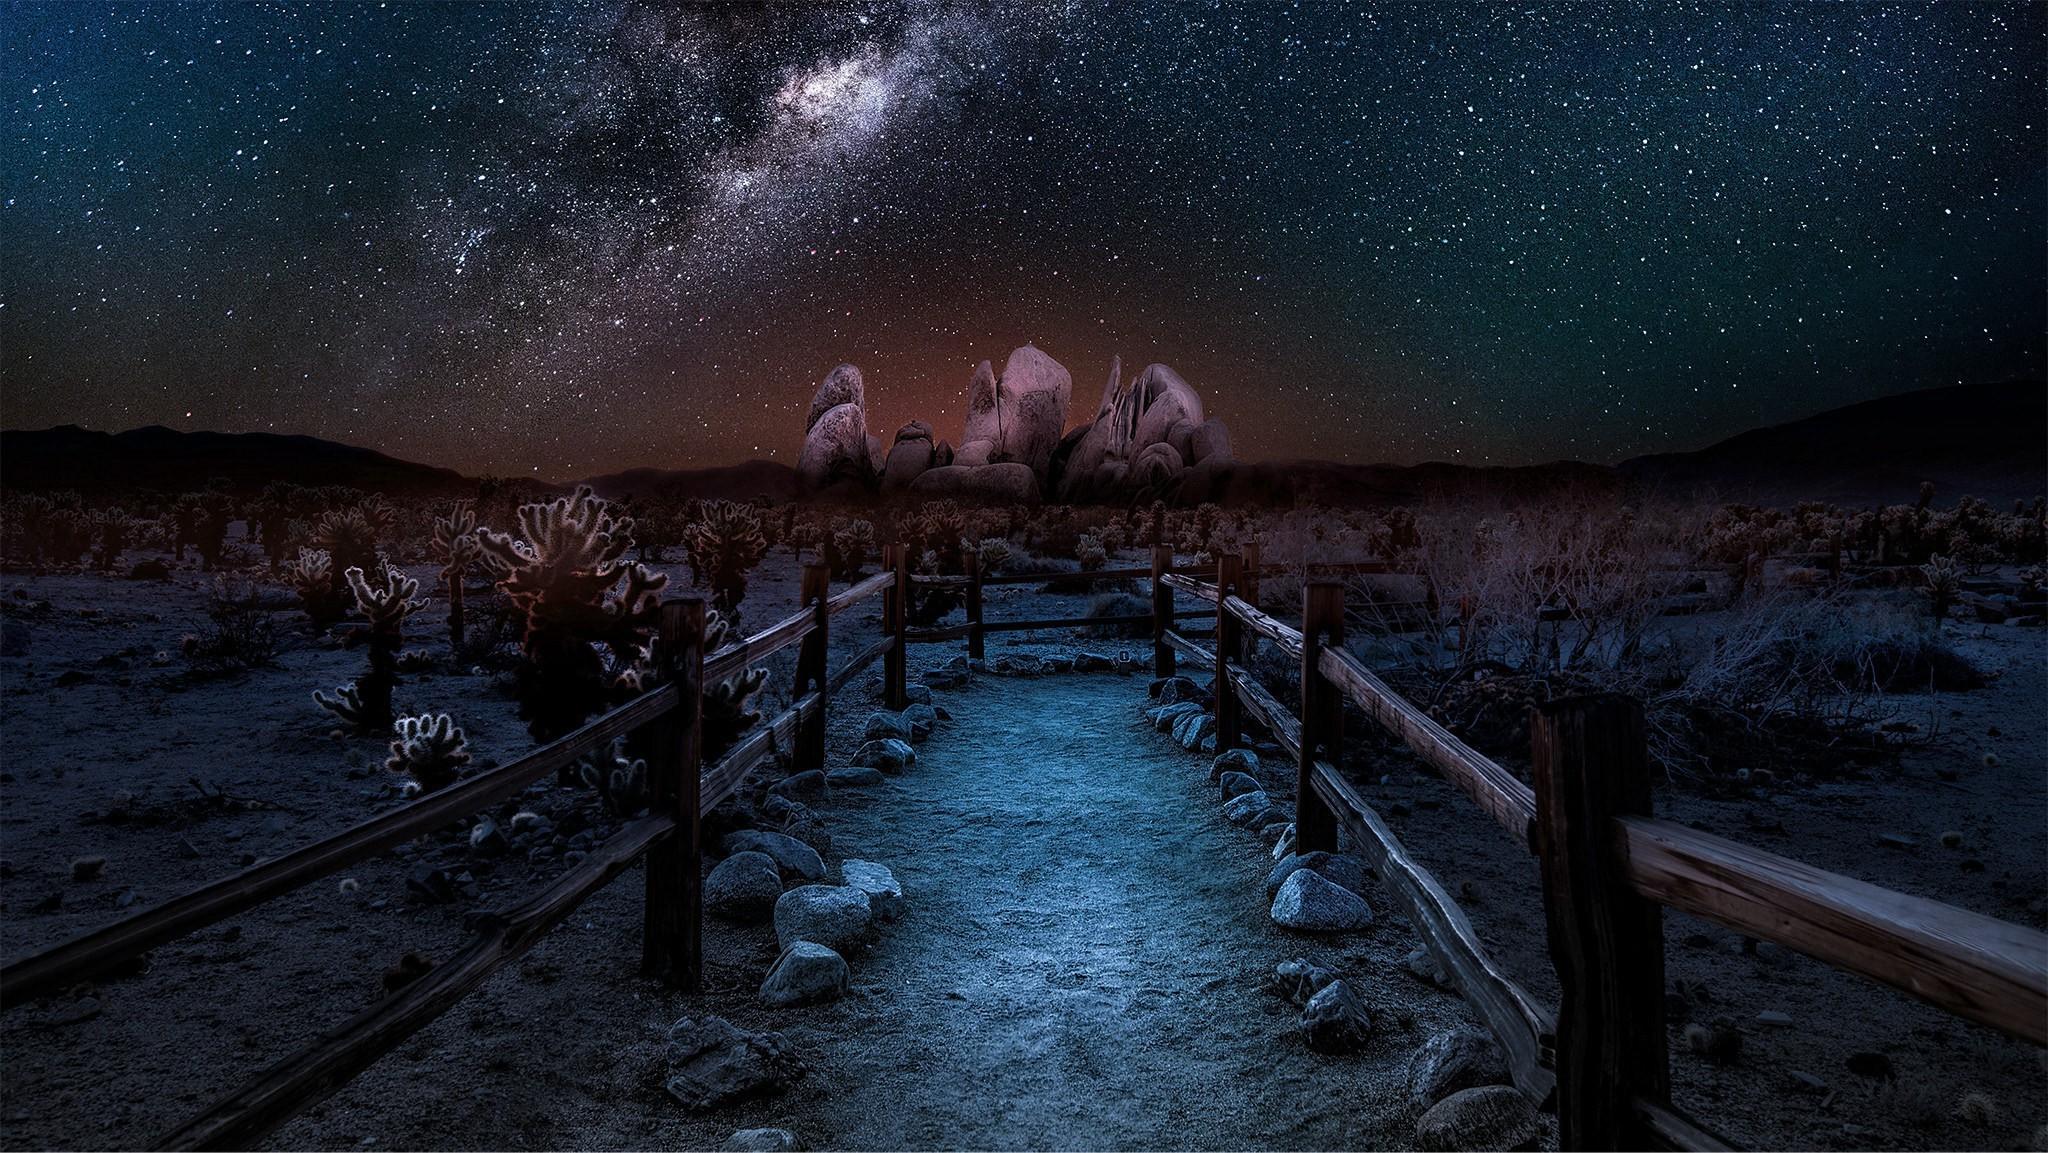 Most Inspiring Wallpaper Night Landscape - 2048x1153-px-digital-art-landscape-night-682370  Snapshot-739049.jpg